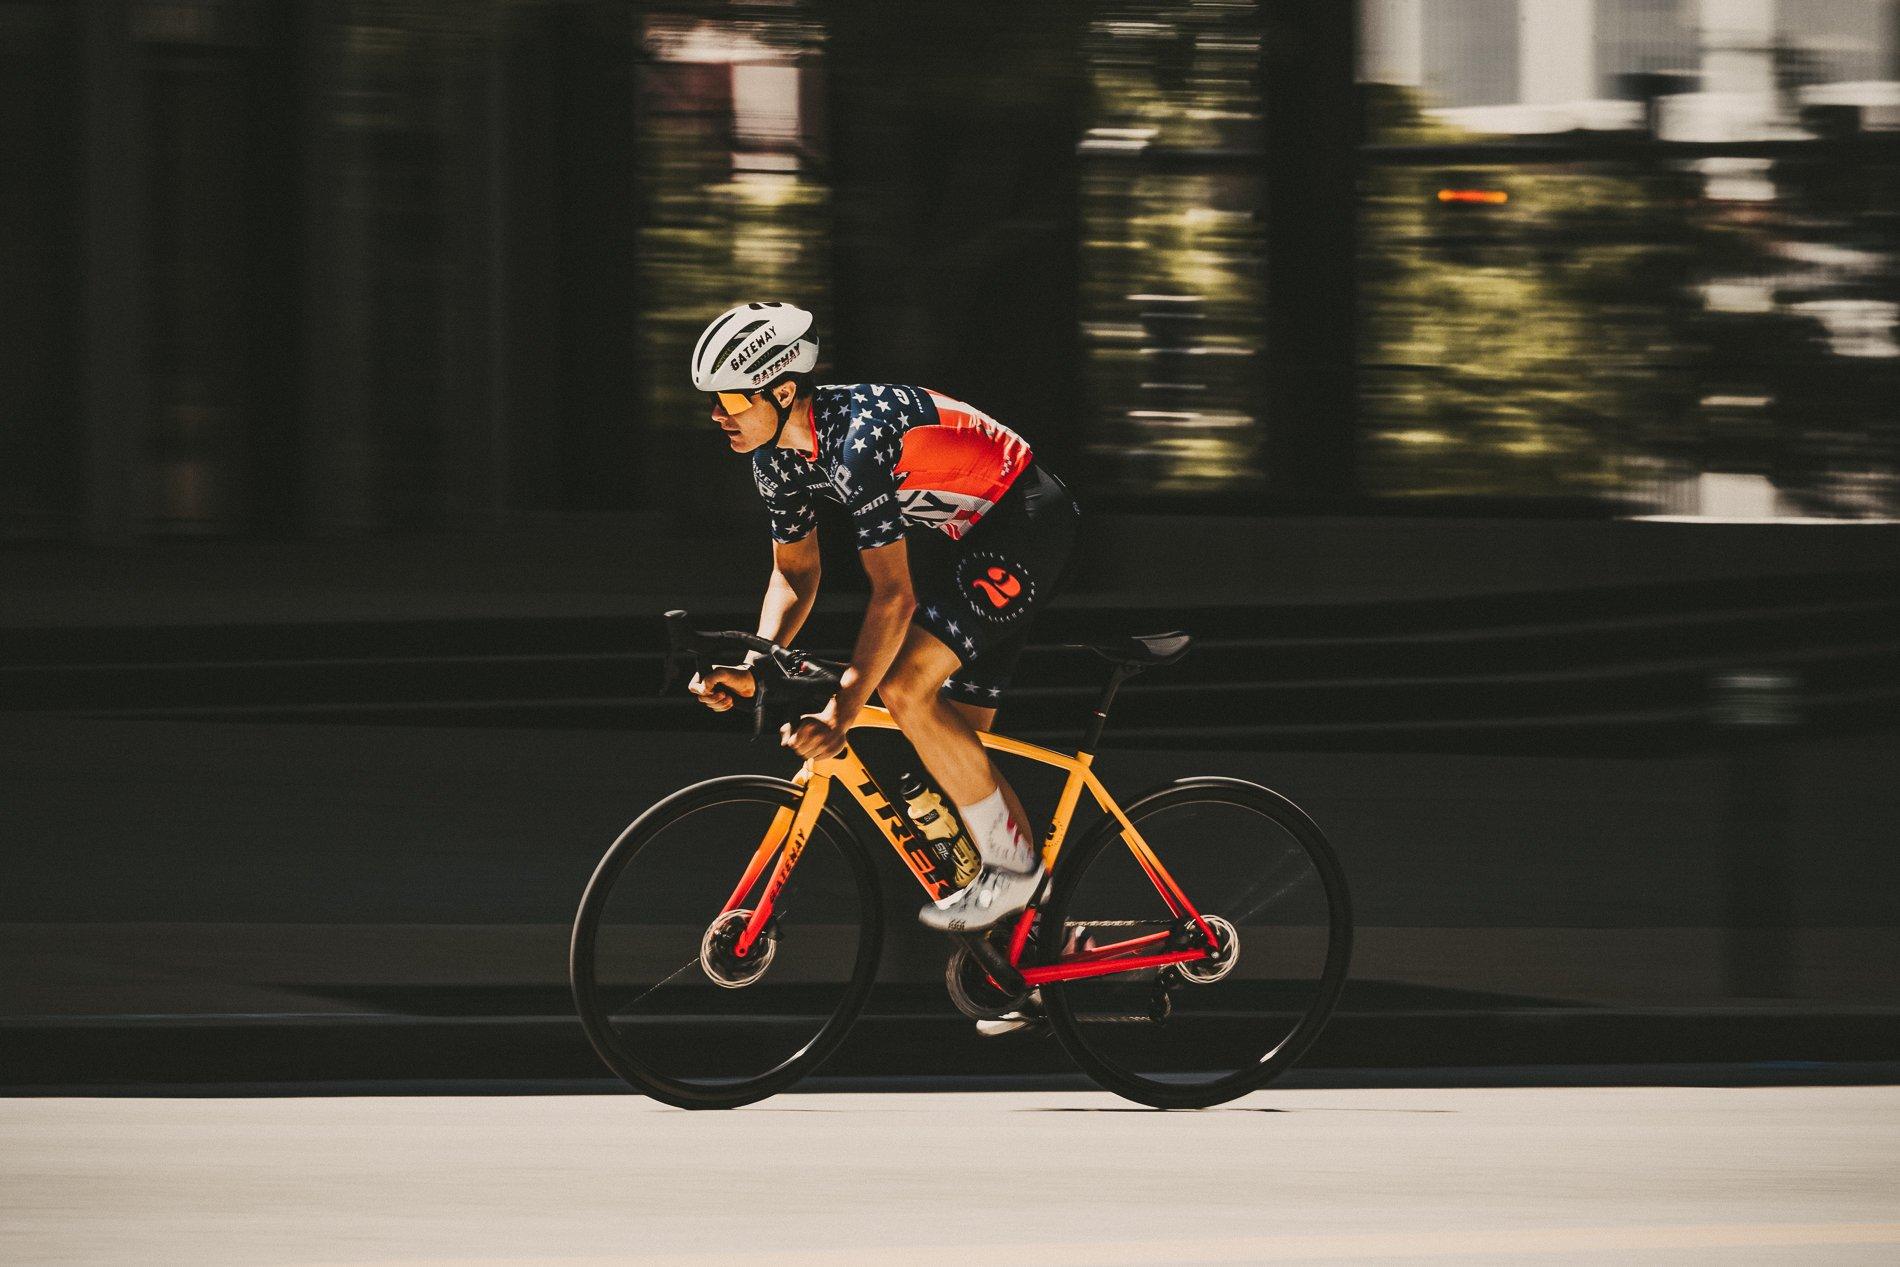 Team gateway cyclist riding goodyear tires